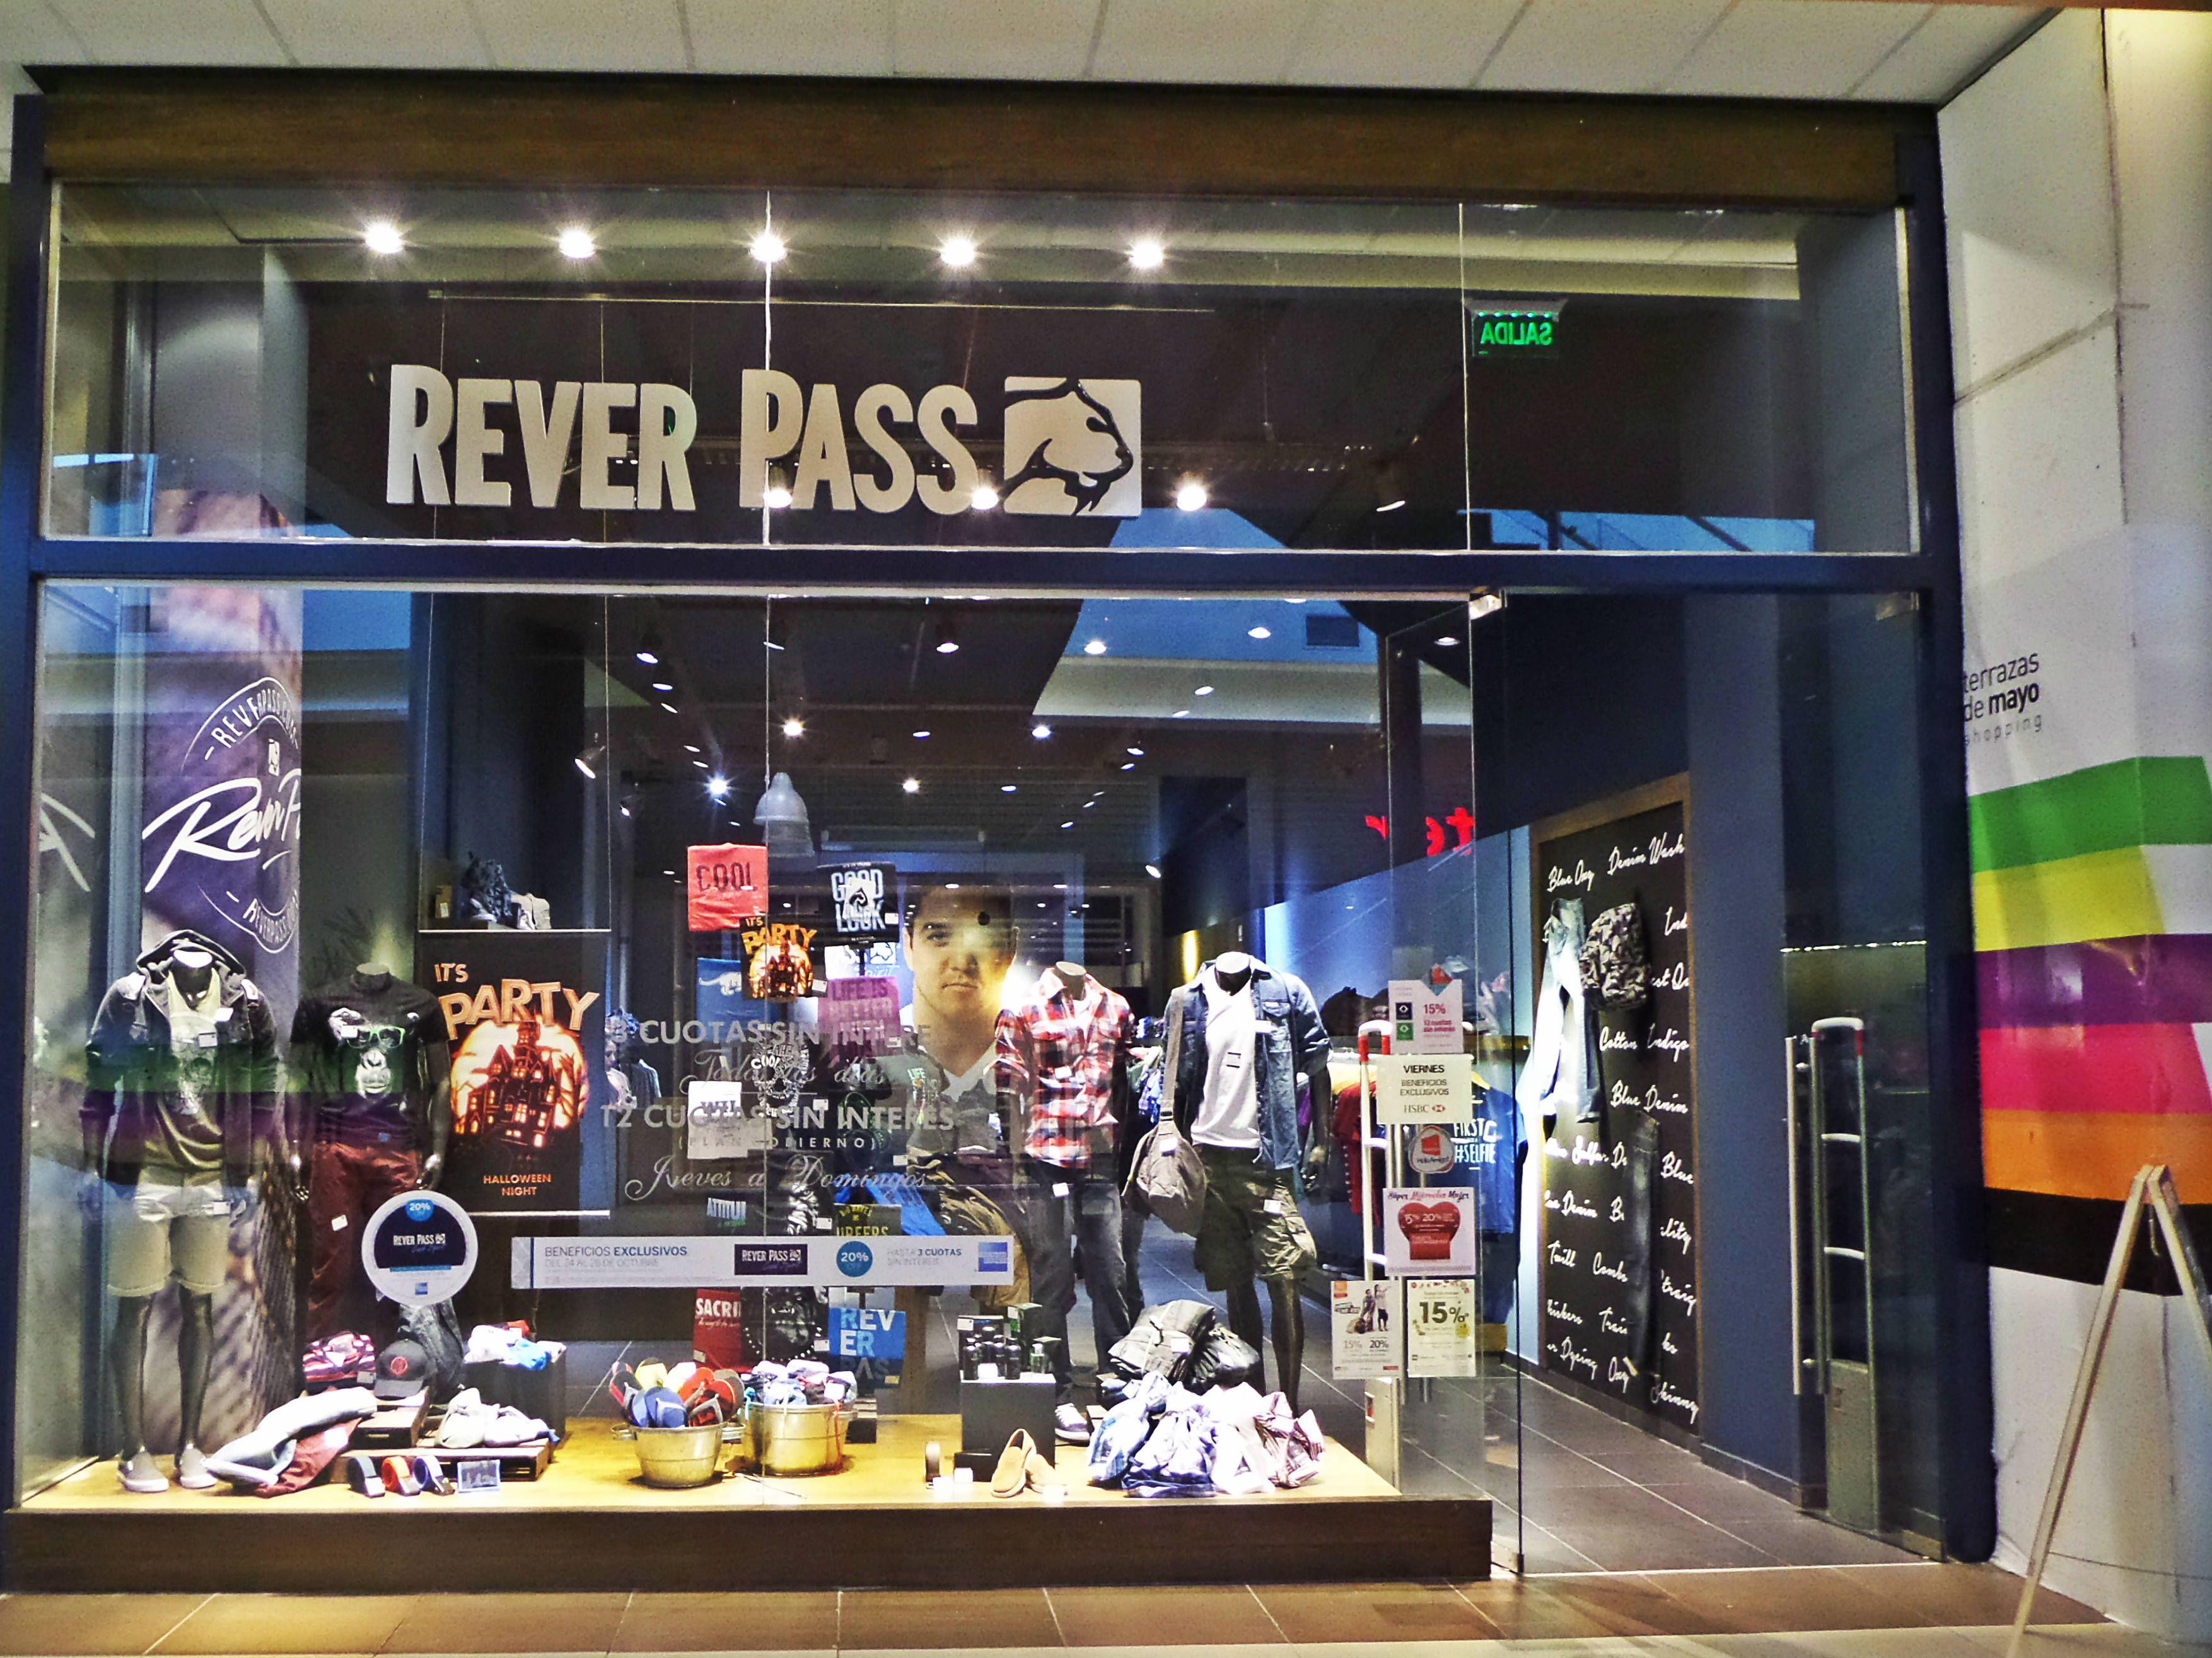 Rever Pass En Terrazasdemayo Shopping Buenosaires Argentina Locales Terrazas